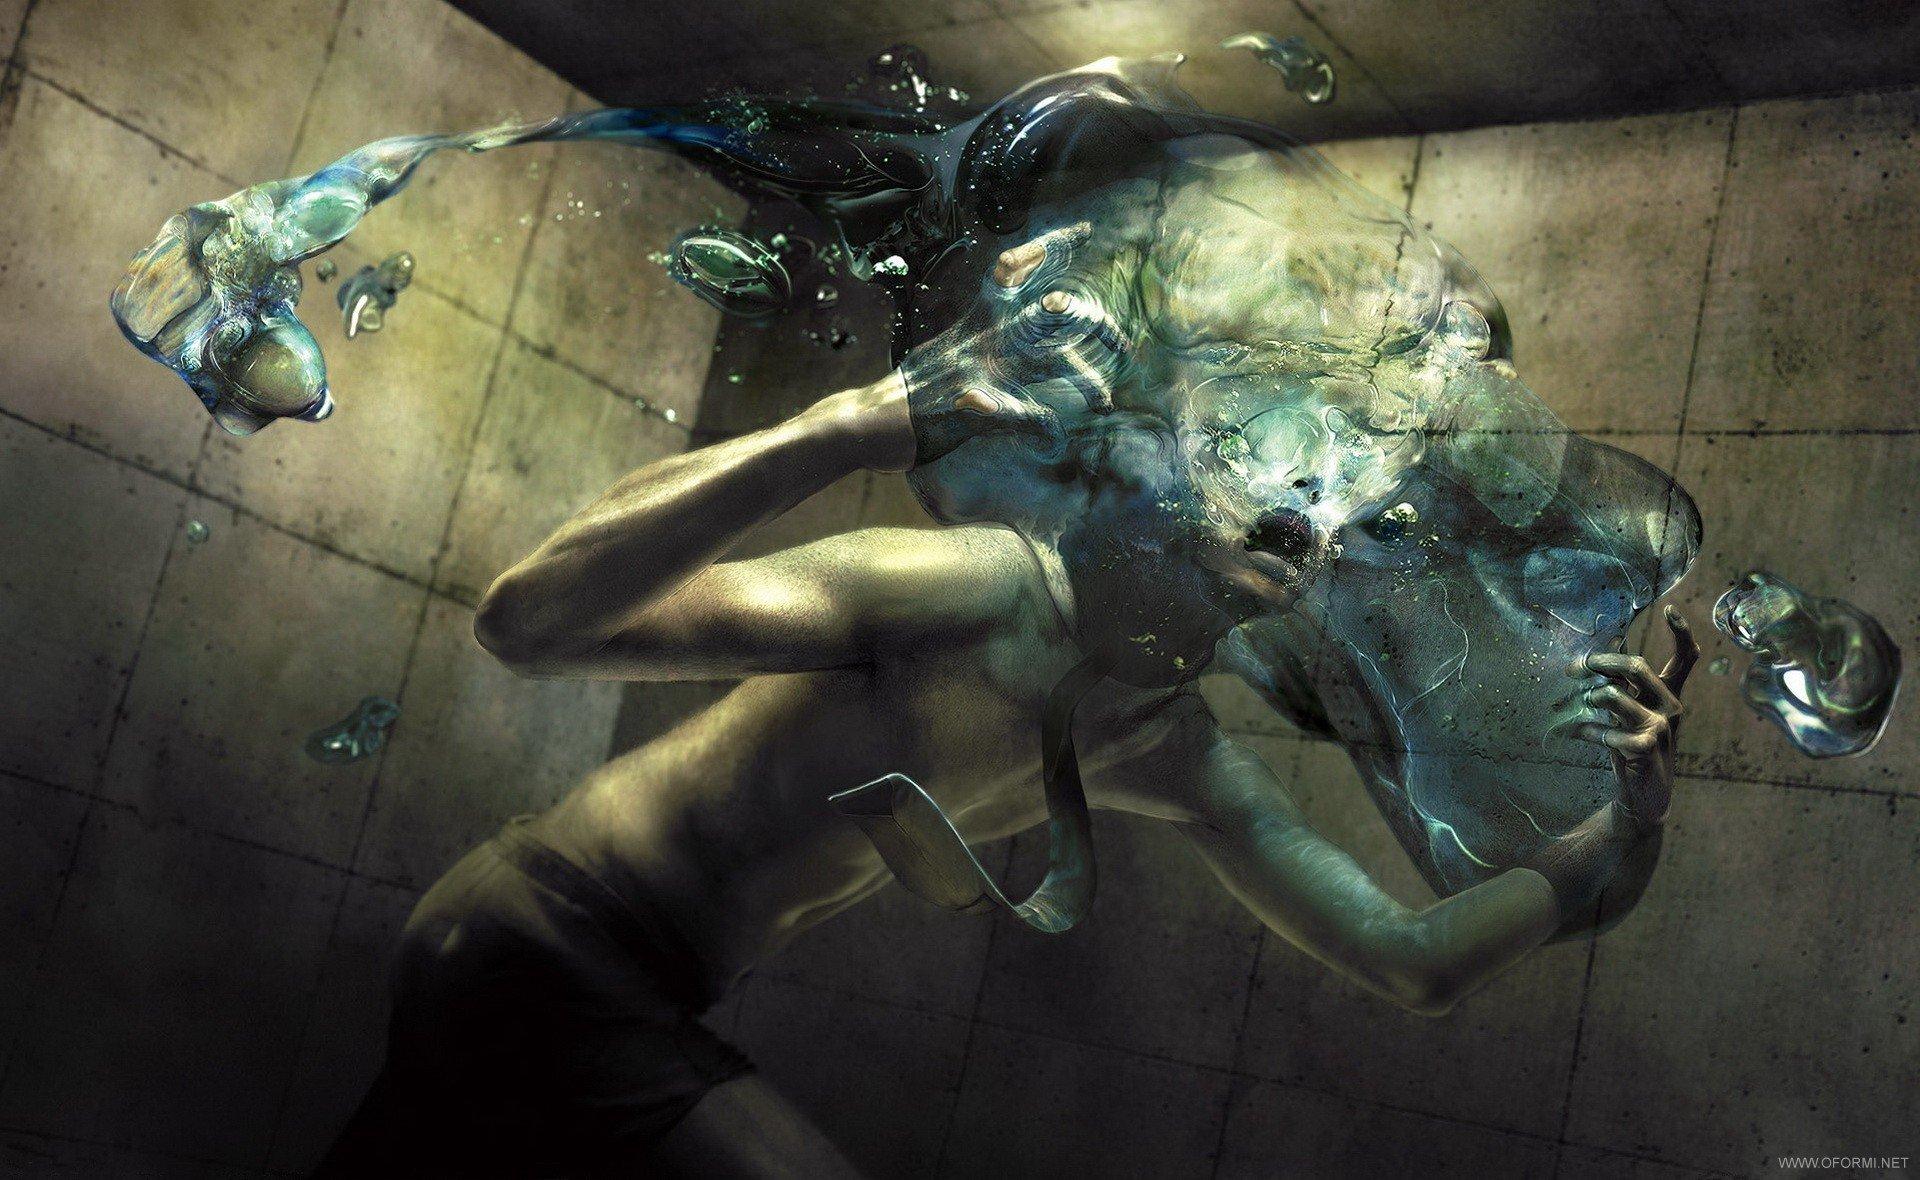 Страхи, ужасы, кошмары... Все мы чего-то боимся. Все мы мечтаем не зависеть от тех фобий, что таятся у нас в голове. ... - Изображение 1